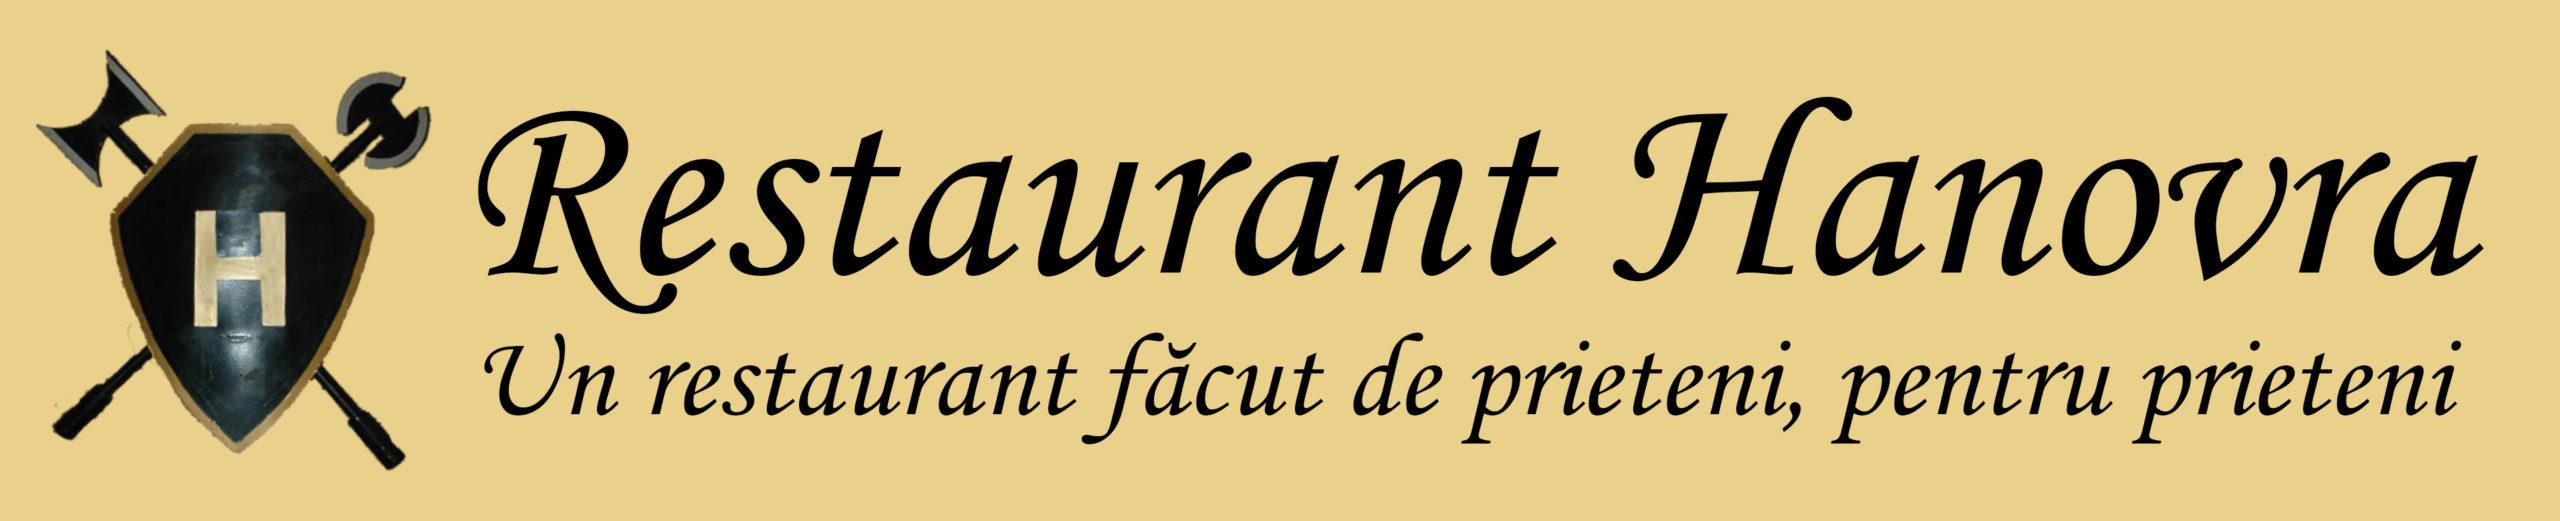 Restaurant HANOVRA Bacău